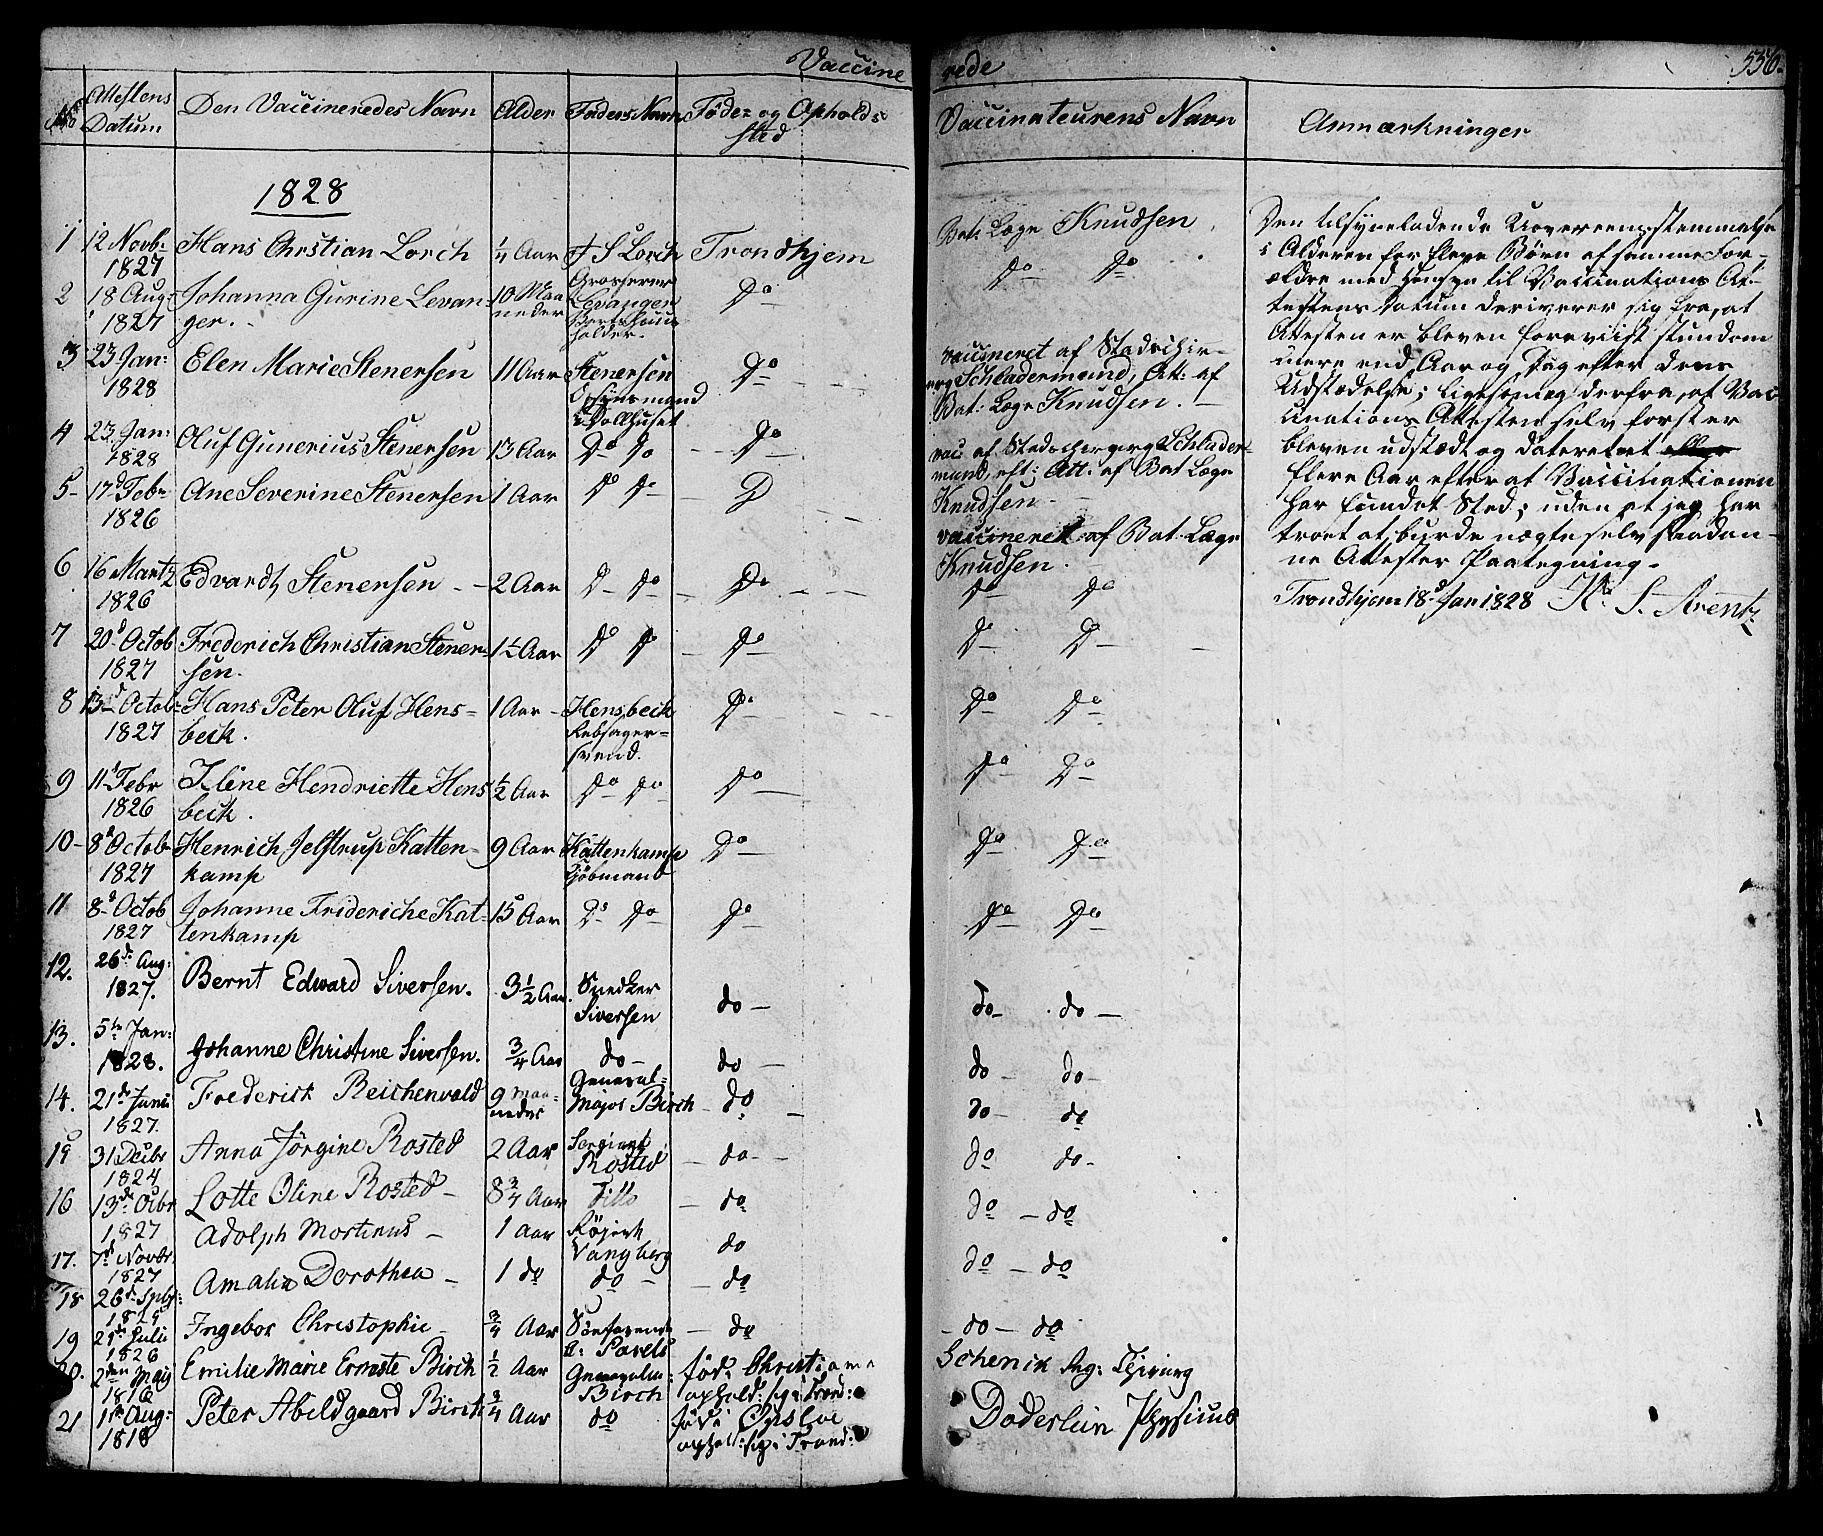 SAT, Ministerialprotokoller, klokkerbøker og fødselsregistre - Sør-Trøndelag, 601/L0045: Ministerialbok nr. 601A13, 1821-1831, s. 556